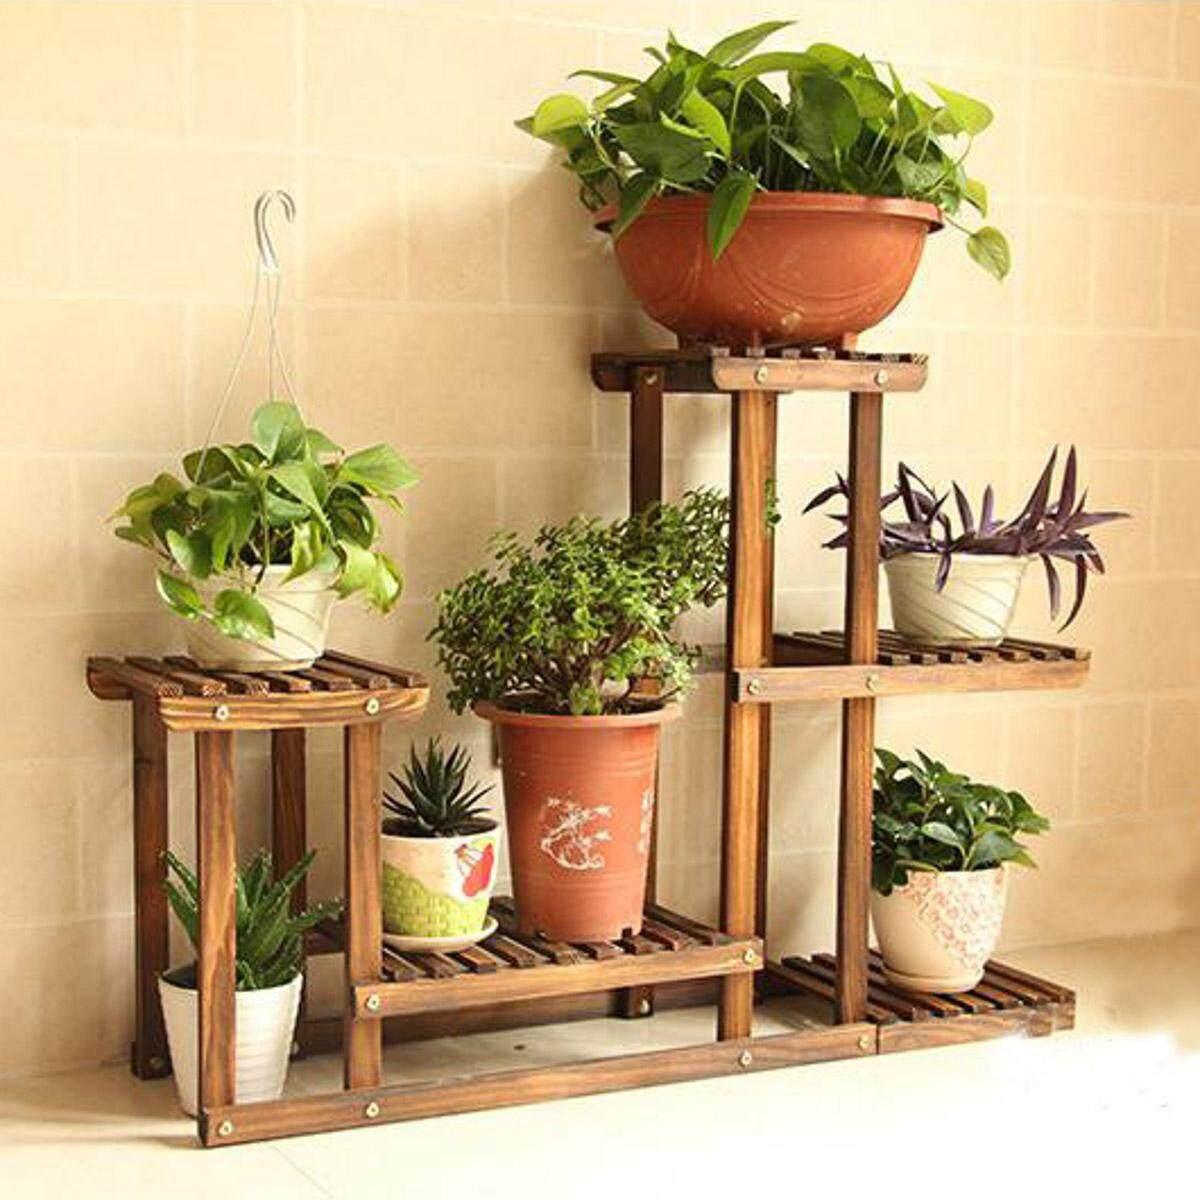 Premium Bamboo Wooden Plant Stand Indoor Outdoor Garden Planter Flower Pot Shelf - intl